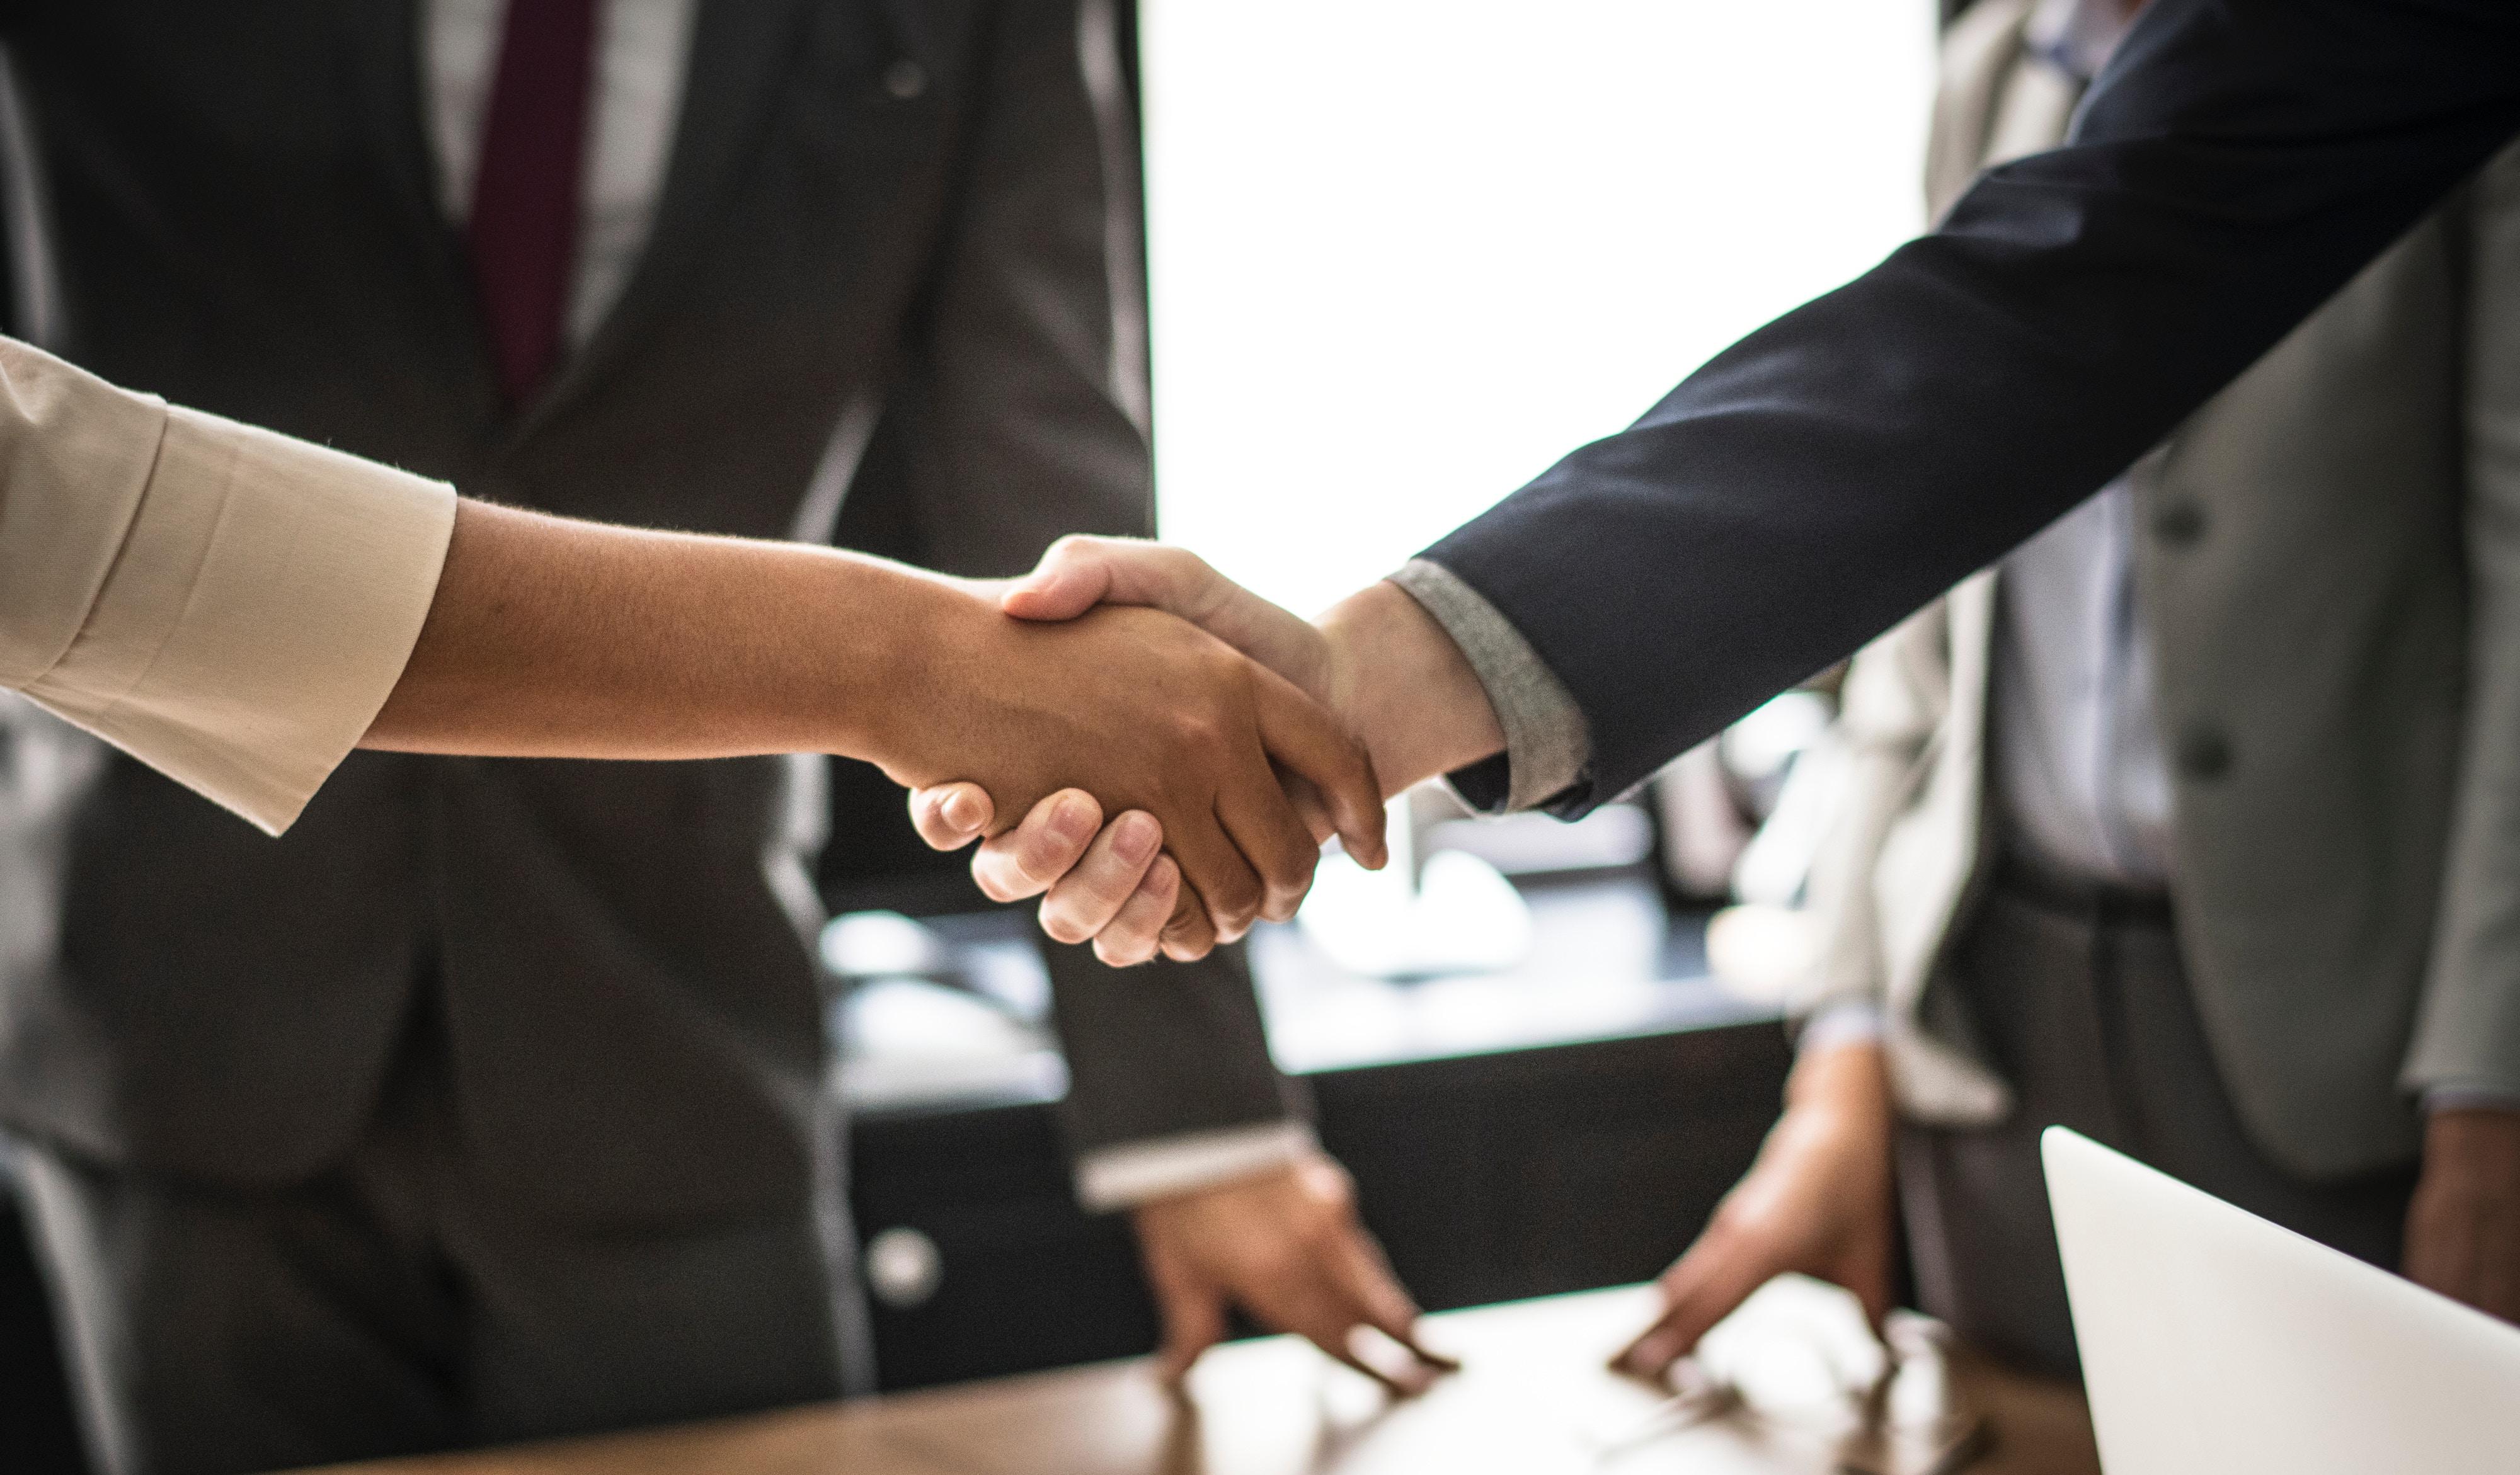 ATHIKA, impulsant competències entre professionals del sector